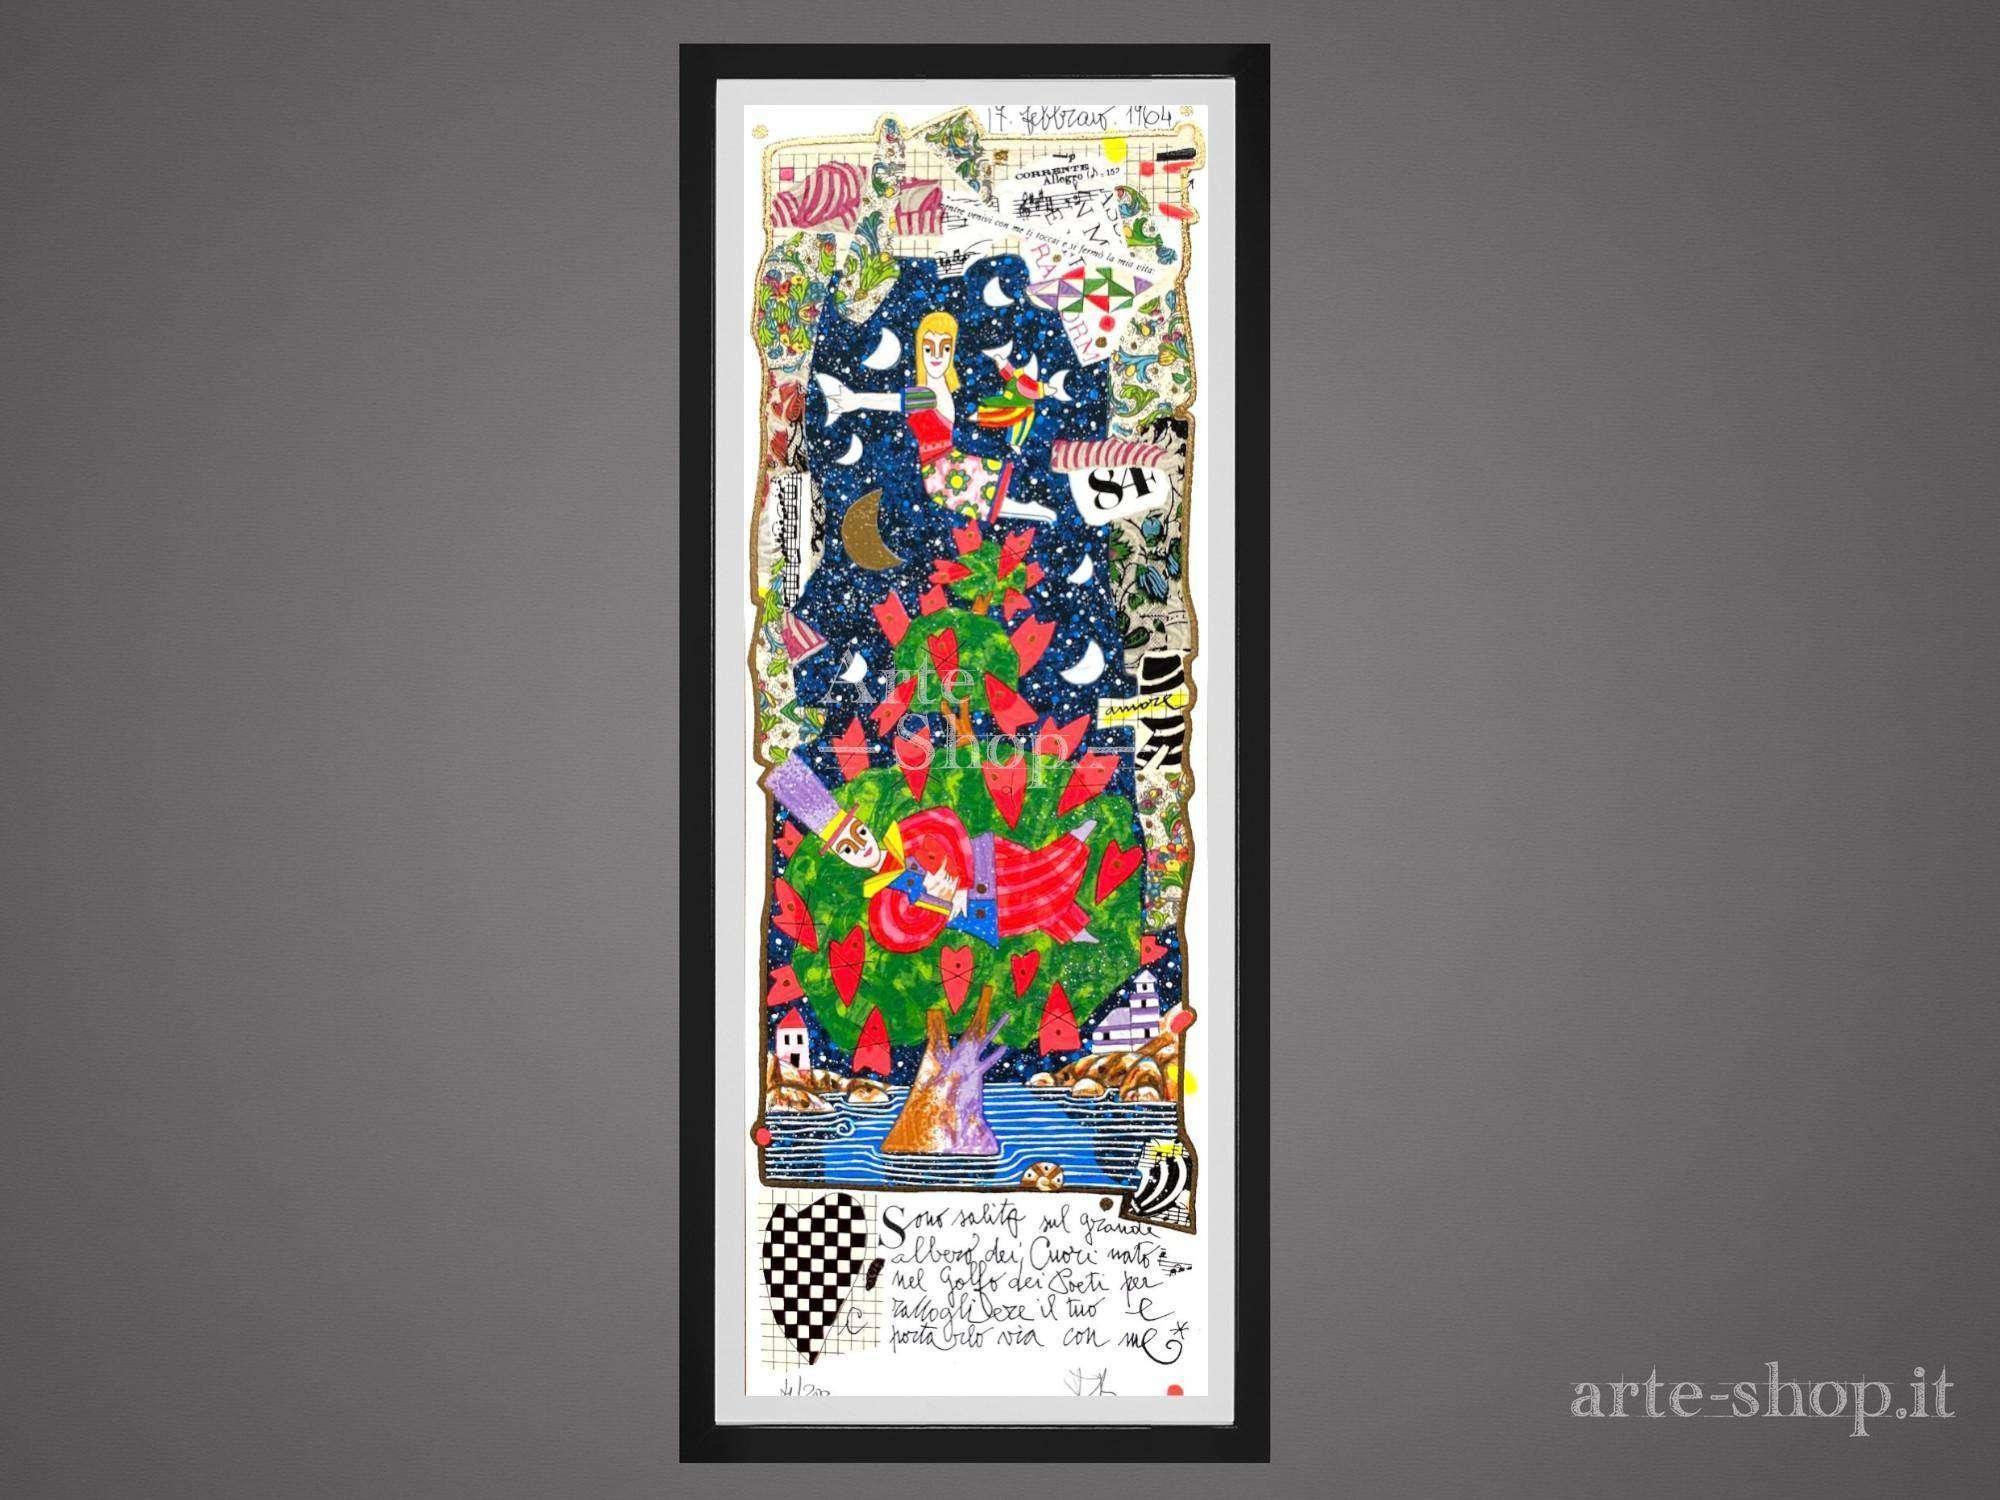 Serigrafia Francesco Musante - Sono salito sul grande albero dei cuori